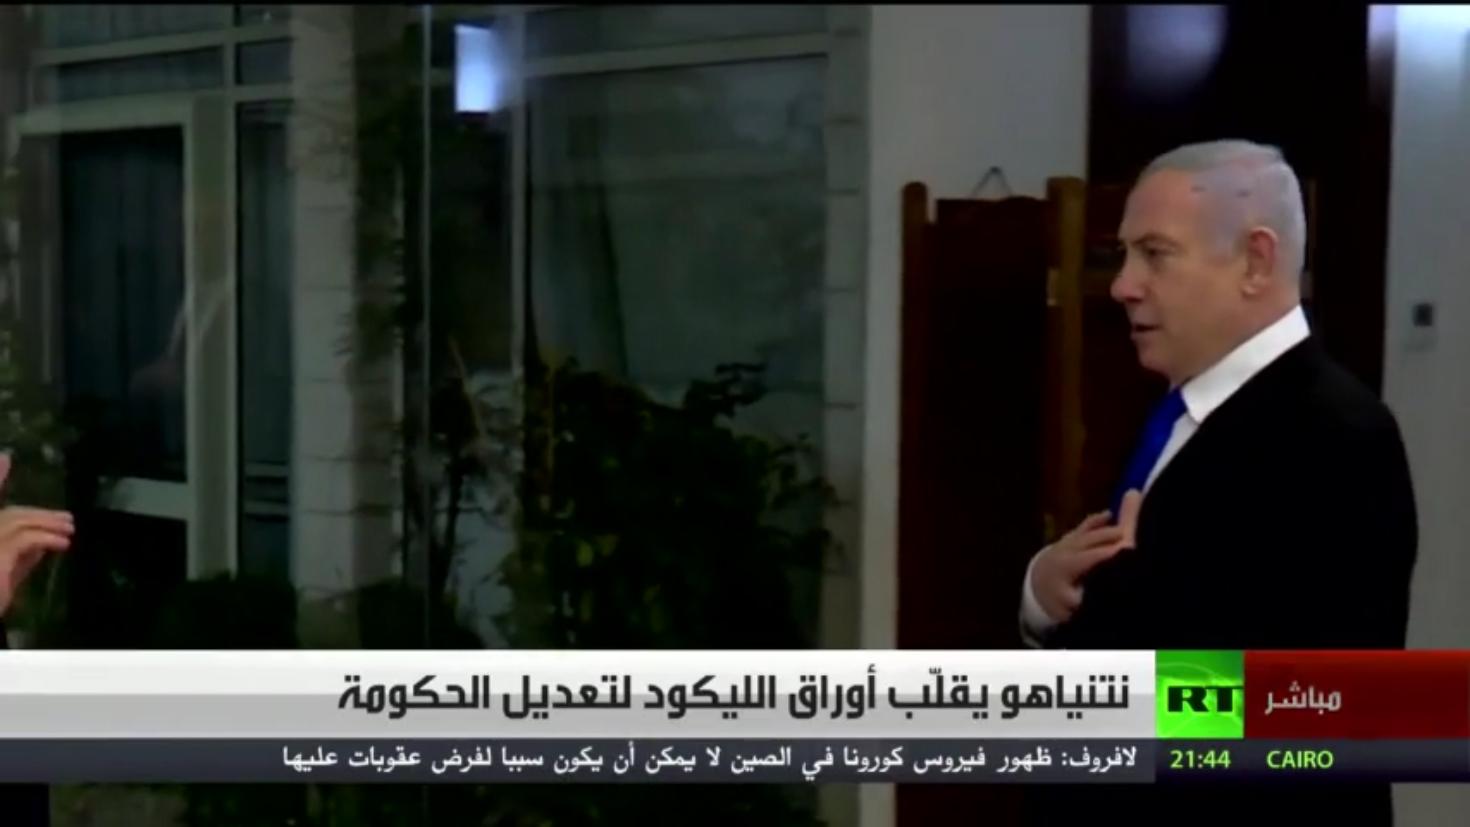 نتنياهو يقلّب أوراق الليكود لتعديل الحكومة